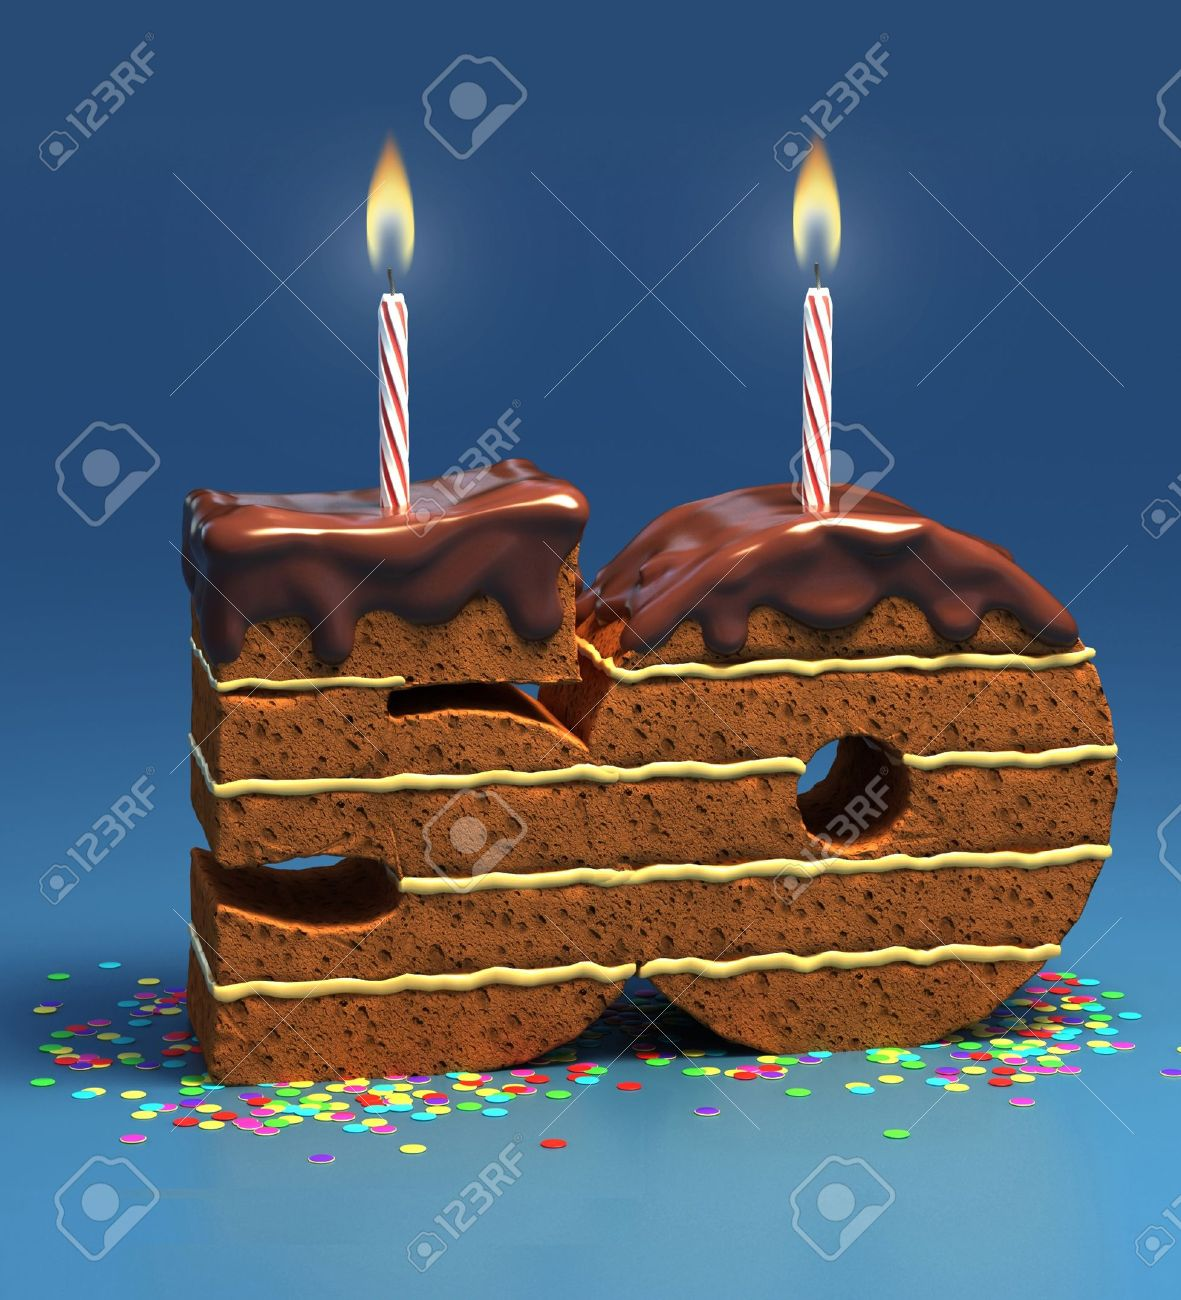 Chocolate Birthday Cake Von Konfetti Umgeben Mit Brennenden Kerze Fur Einen 50 Geburtstag Oder Jubilaum